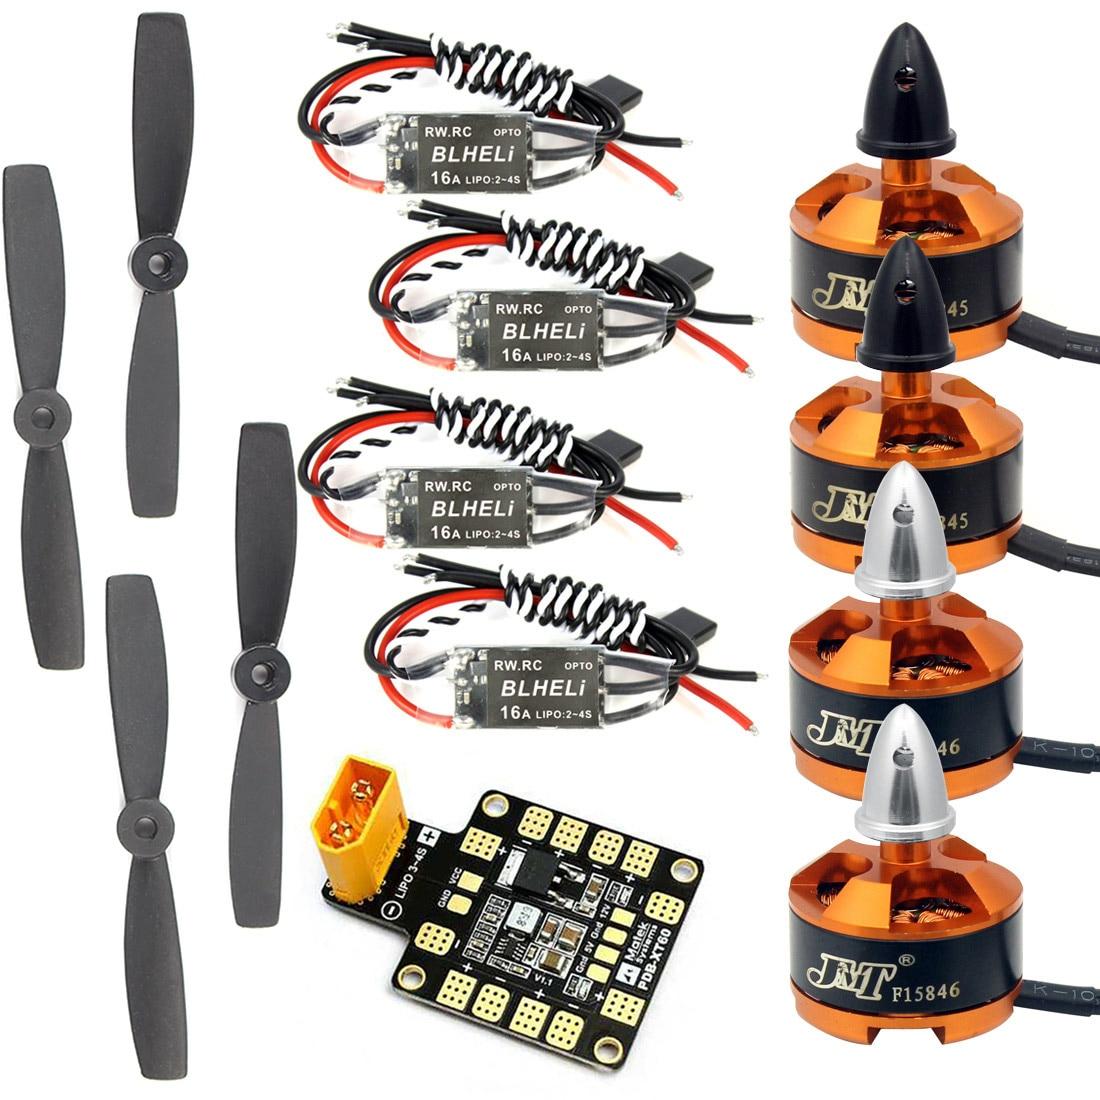 Combo Kit para 250 de 210 RC Drone 4x1806 2400KV sin escobillas de Motor + Mini BLHeli dispositivos optoelectrónicos 16A ESC + 5045 hélices CW CCW con AP BEC